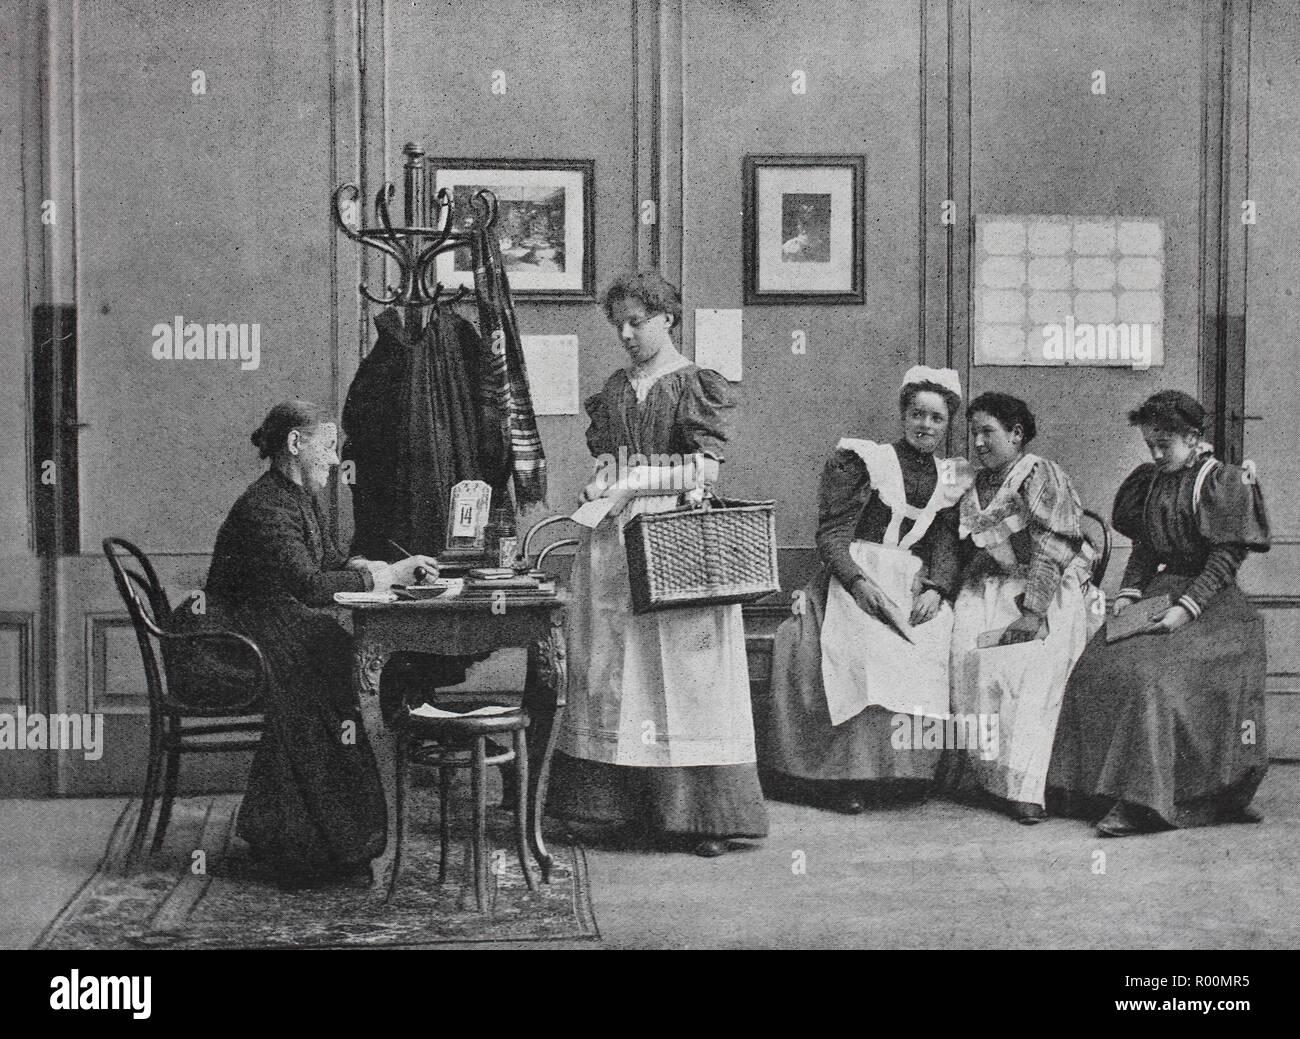 Mejor reproducción digital, bei der Zubringerin, original imprimir desde el año 1899 Imagen De Stock